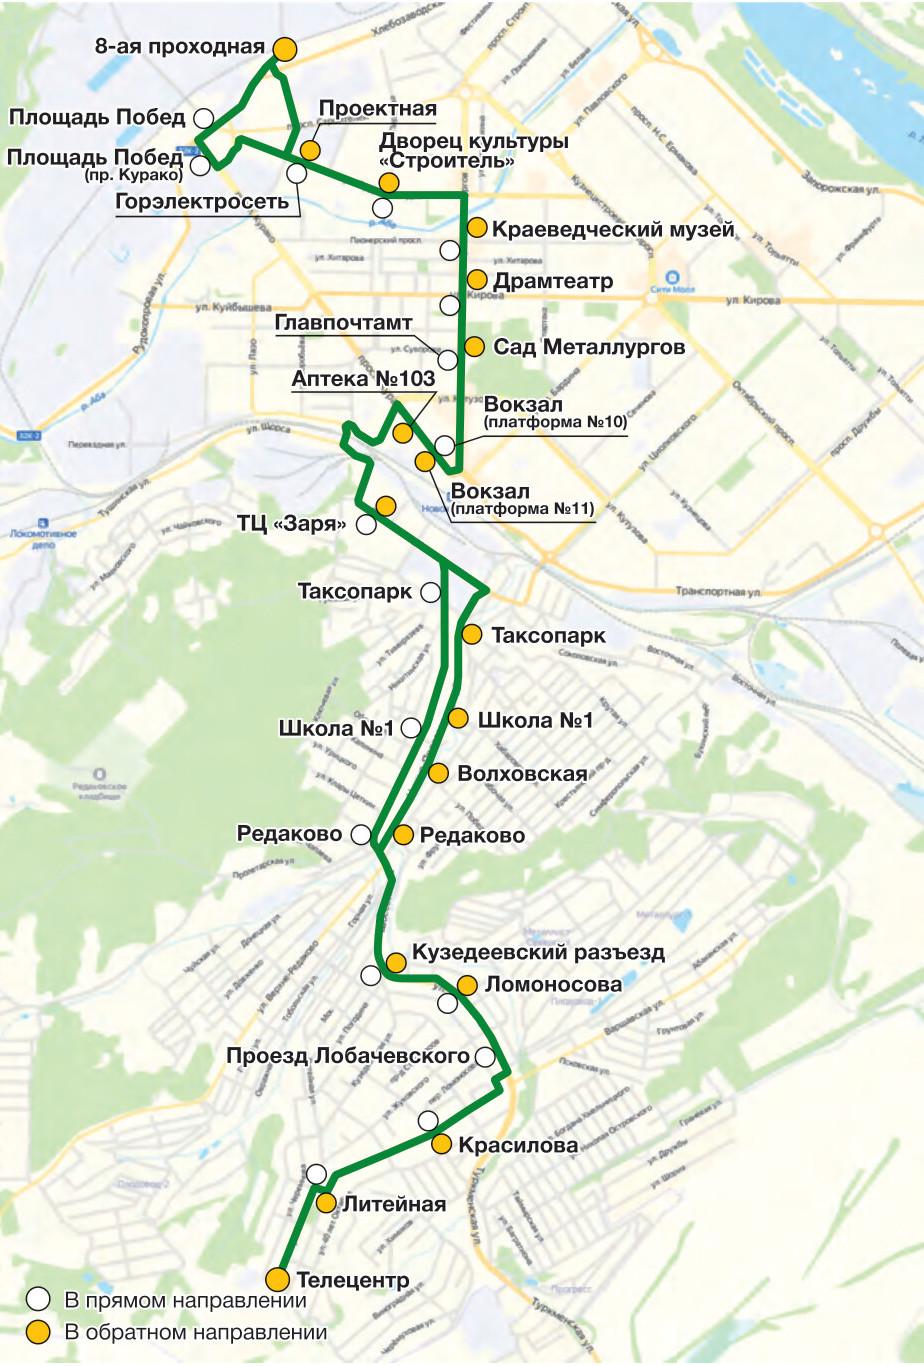 Автобус №54 8-АЯ ПРОХОДНАЯ - ТЕЛЕЦЕНТР | Карта маршрута